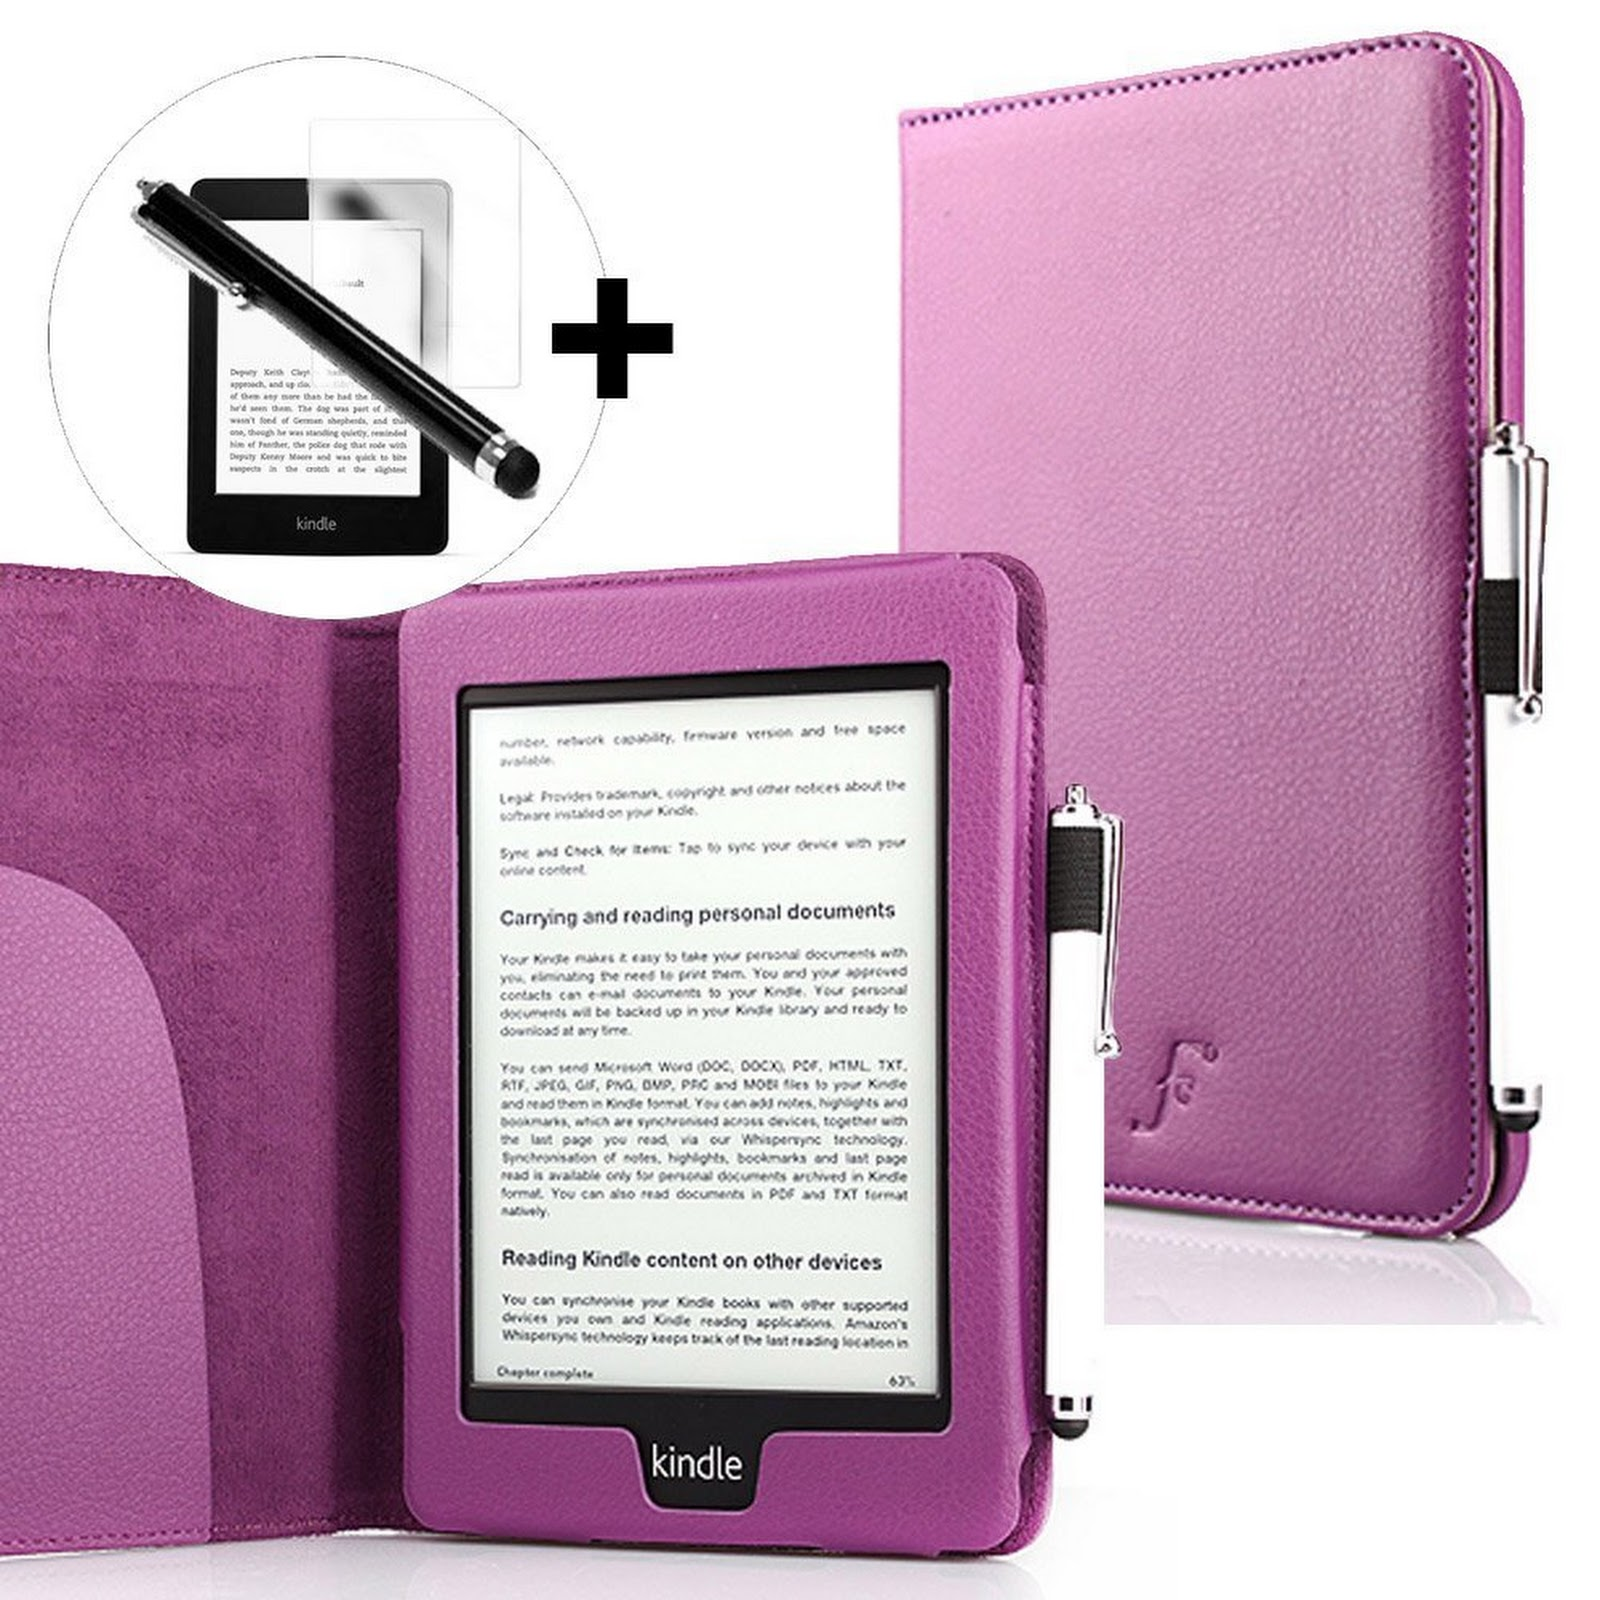 Funda de cuero sintético para el nuevo Kindle Paperwhite 3G WiFi